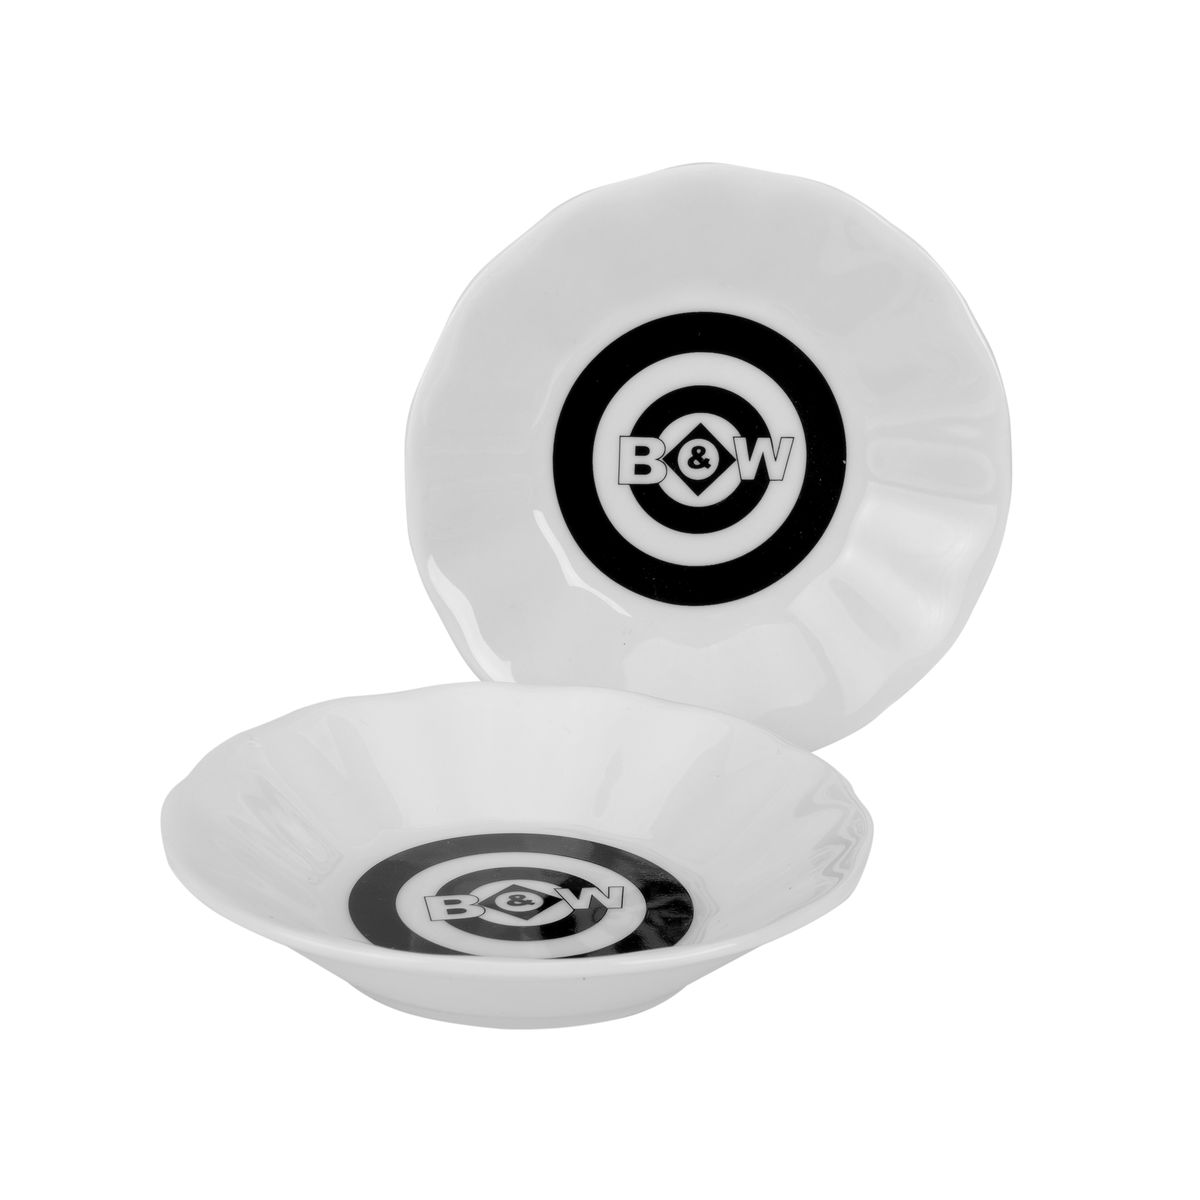 Набор подставок для чайных пакетиков GiftLand Black&White, цвет: черный, белый, 6 шт115510Набор подставок для чайных пакетиков GiftLand Black&White, изготовленный из фарфора, порадует вас оригинальностью и дизайном. Подставки выполнены в форме блюдечка и декорированы черно-белым рисунком. В наборе - 4 подставки.Подставки, несомненно, понравятся любой хозяйке, а кухонный стол всегда будет чистым, без нежелательных разводов от чайных пакетиков. Изделия также можно использовать в качестве тарелок для меда и джема.Диаметр подставки: 10,5 см.Высота подставки: 2,3 см.